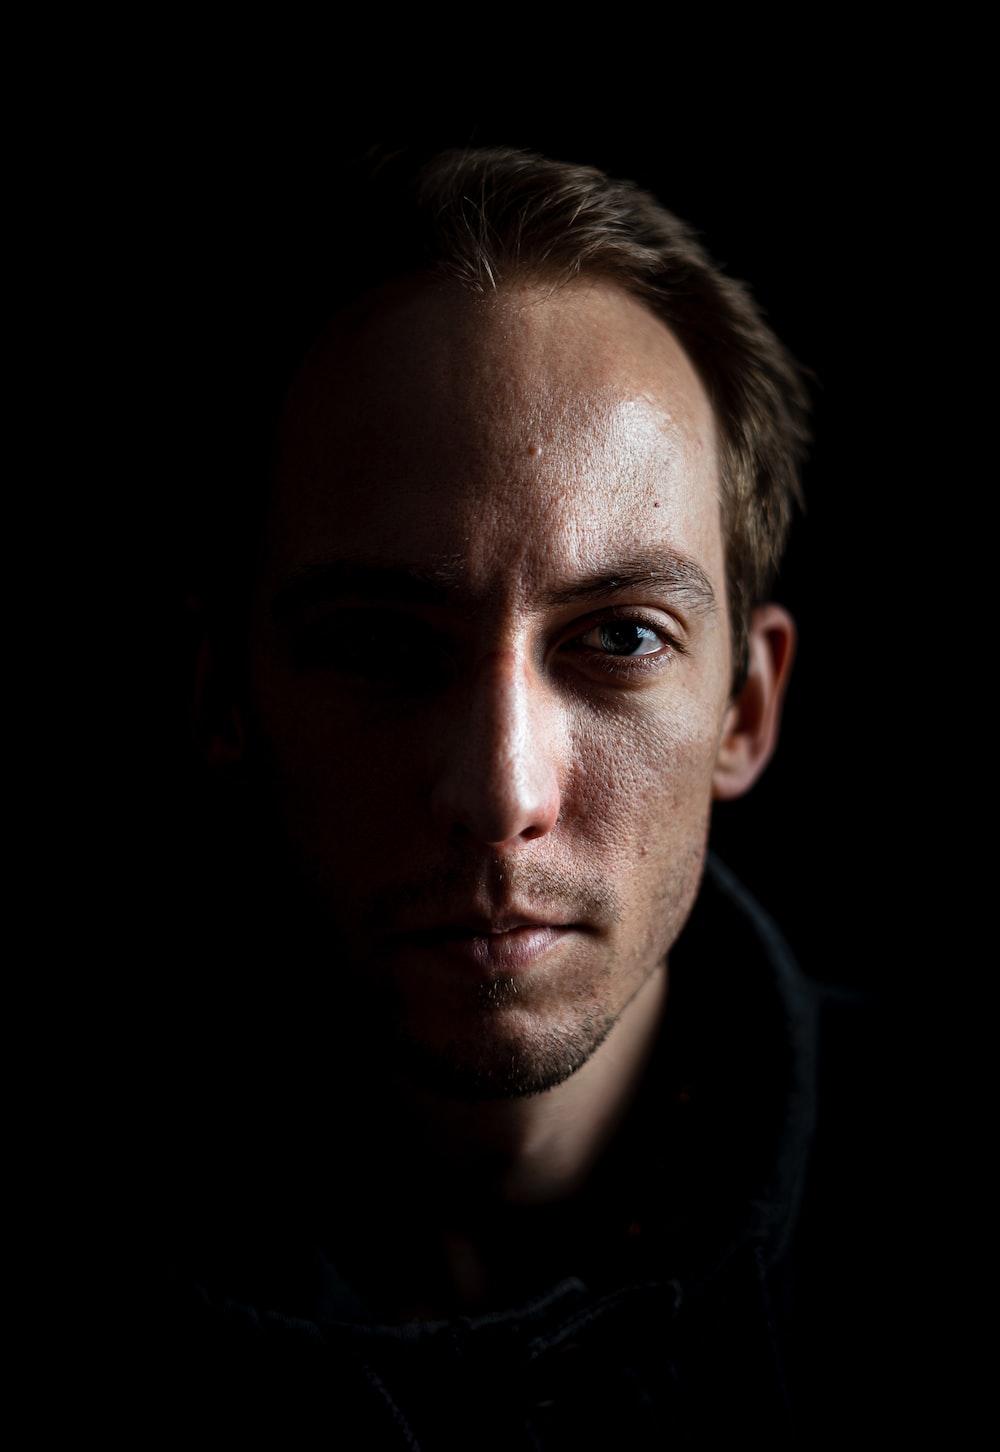 portrait photograph of man